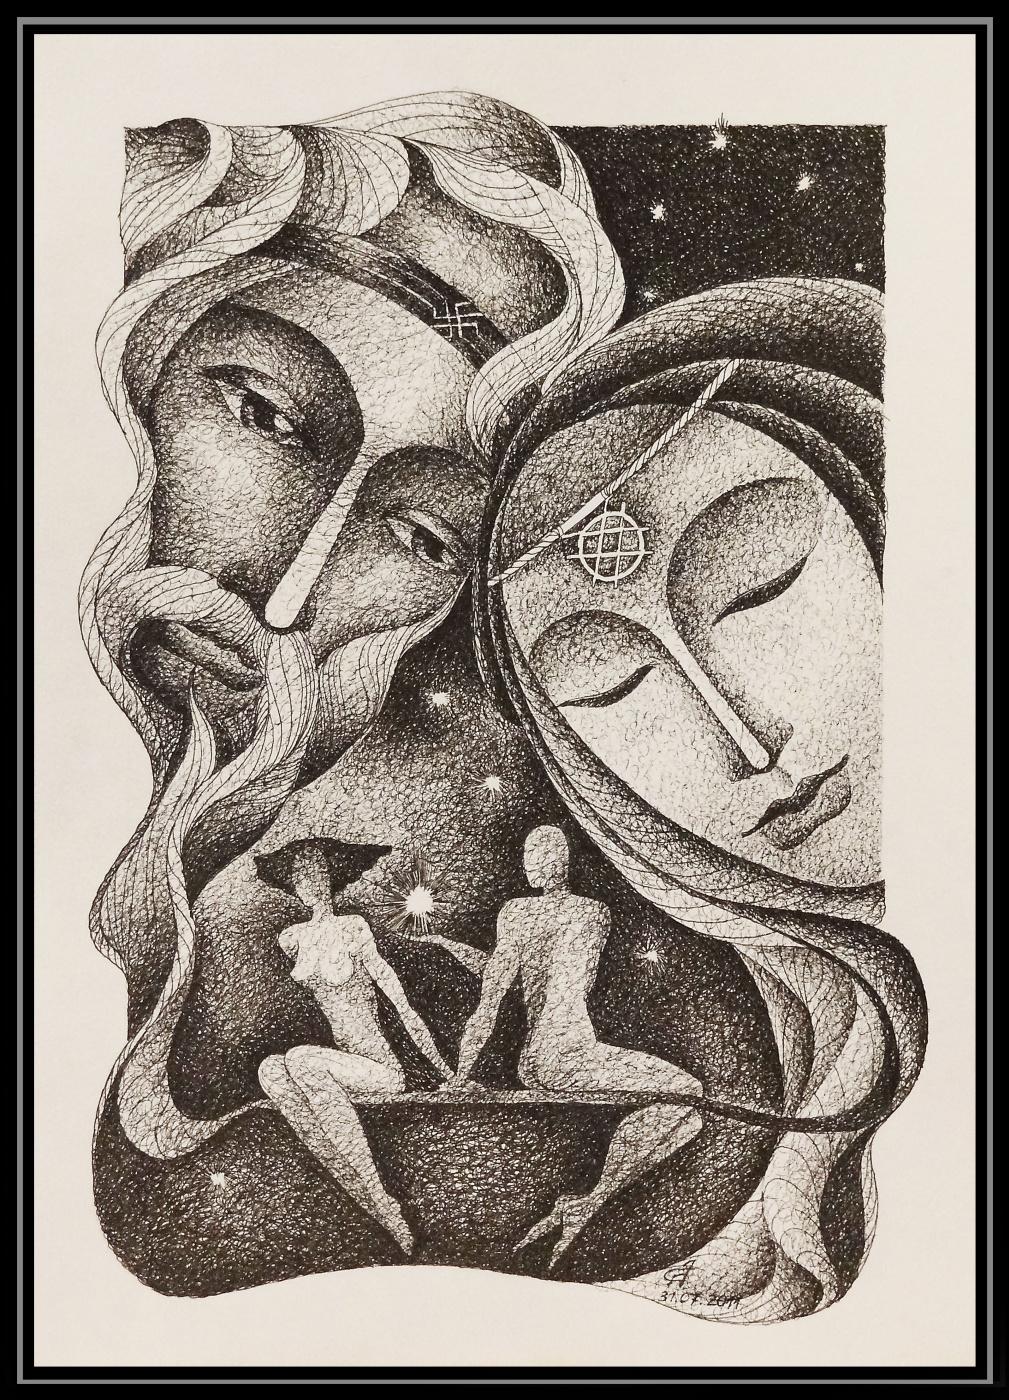 Georgy Stepanov. BENCH DREAMS